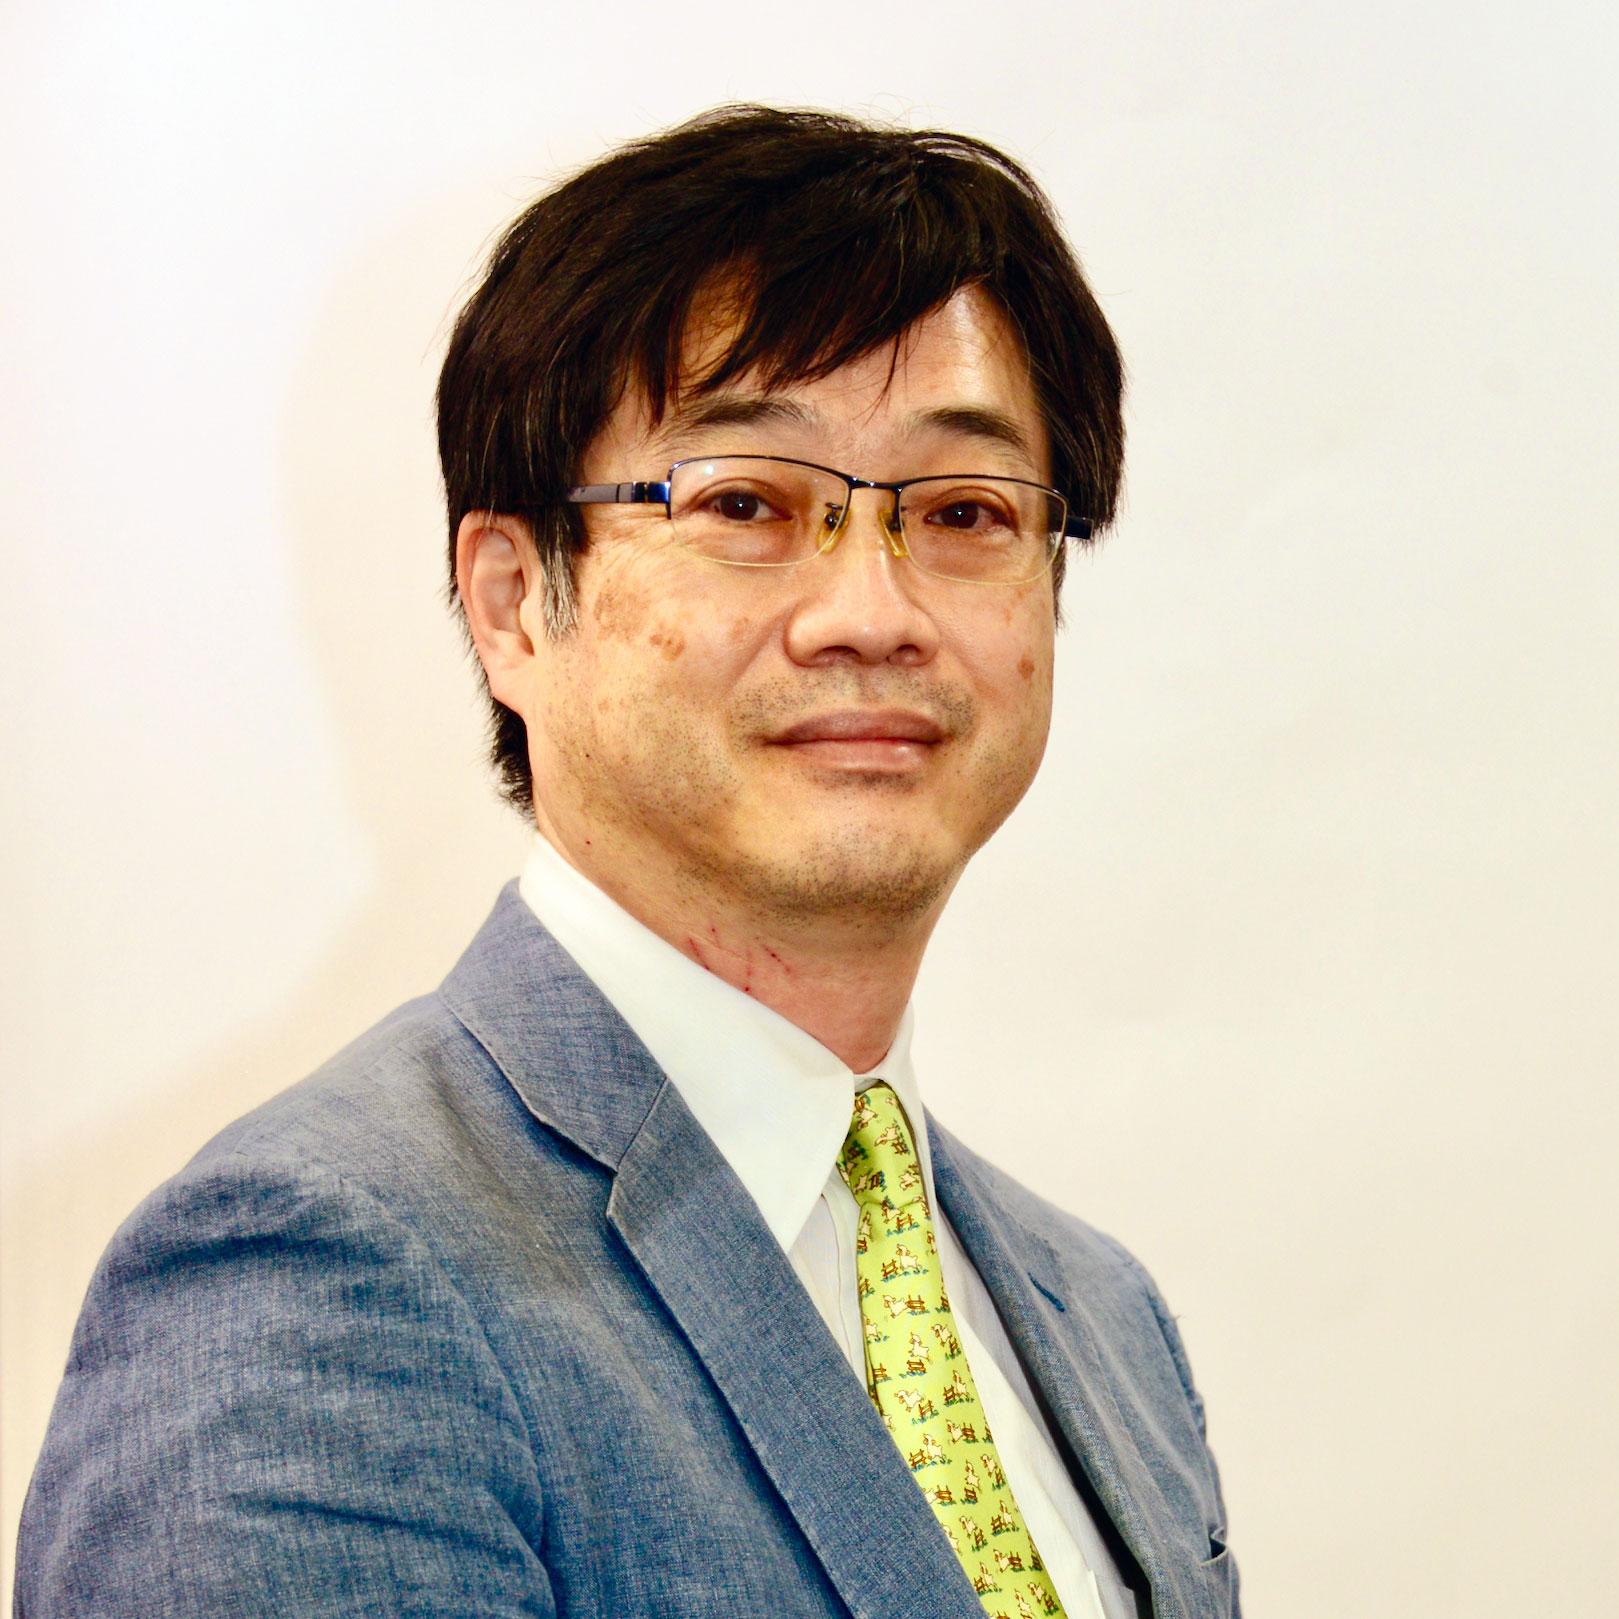 岡田 康夫